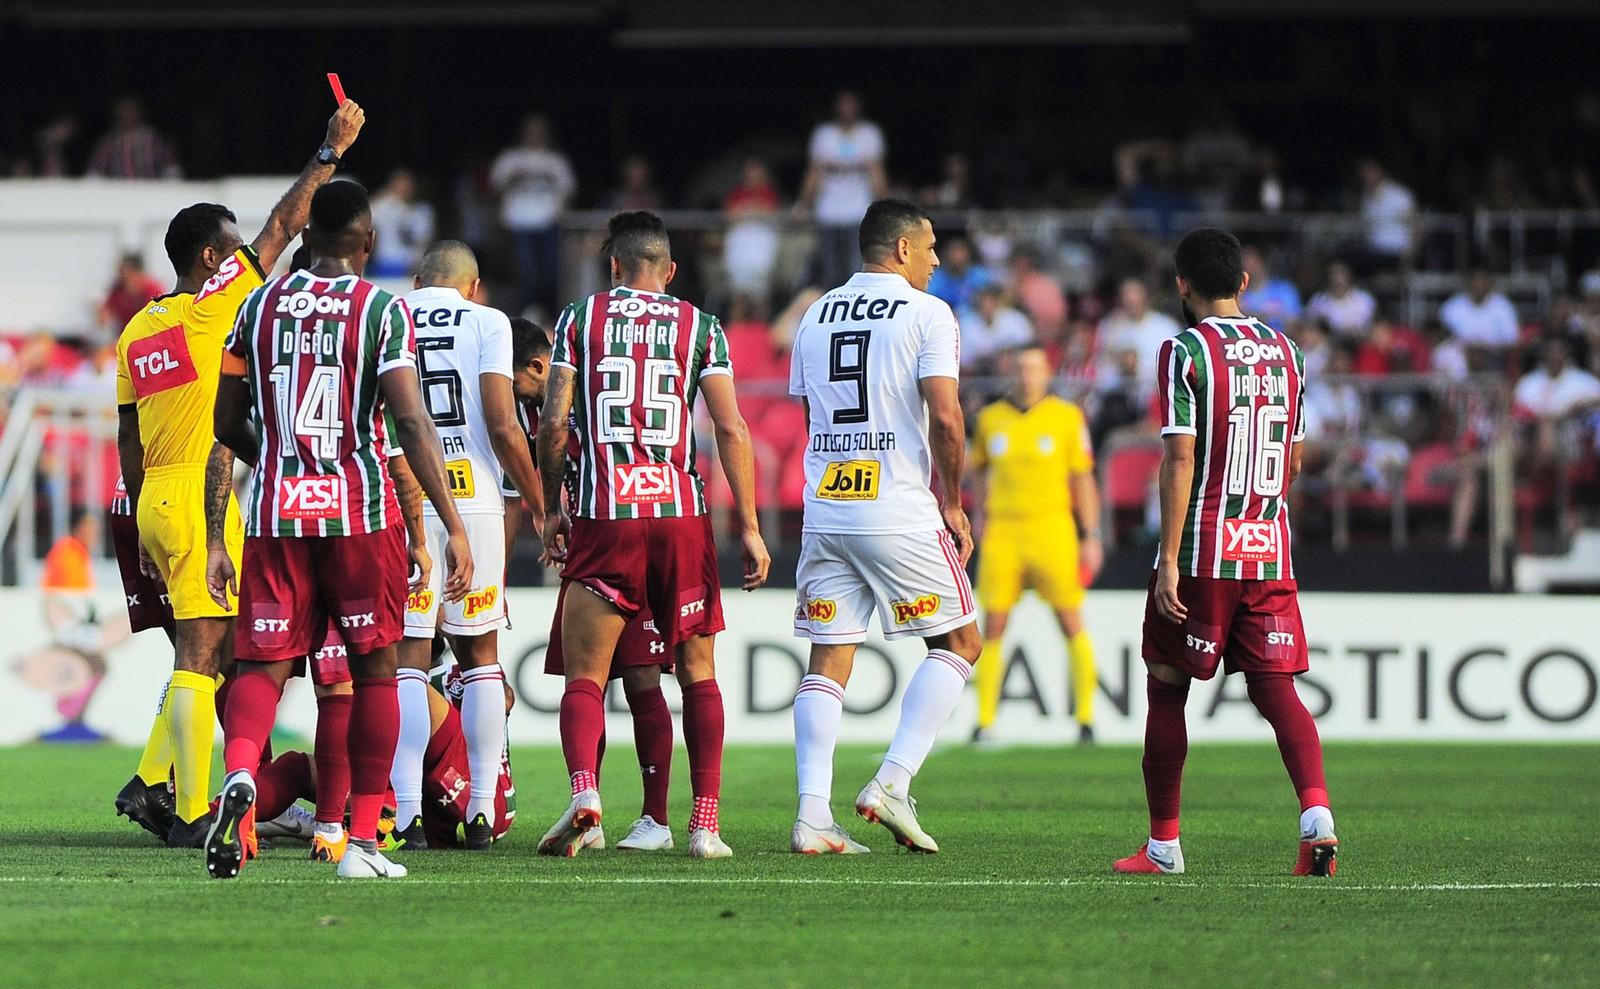 São Paulo fará reclamação formal à CBF contra o árbitro que expulsou Diego  Souza 44cf530232486